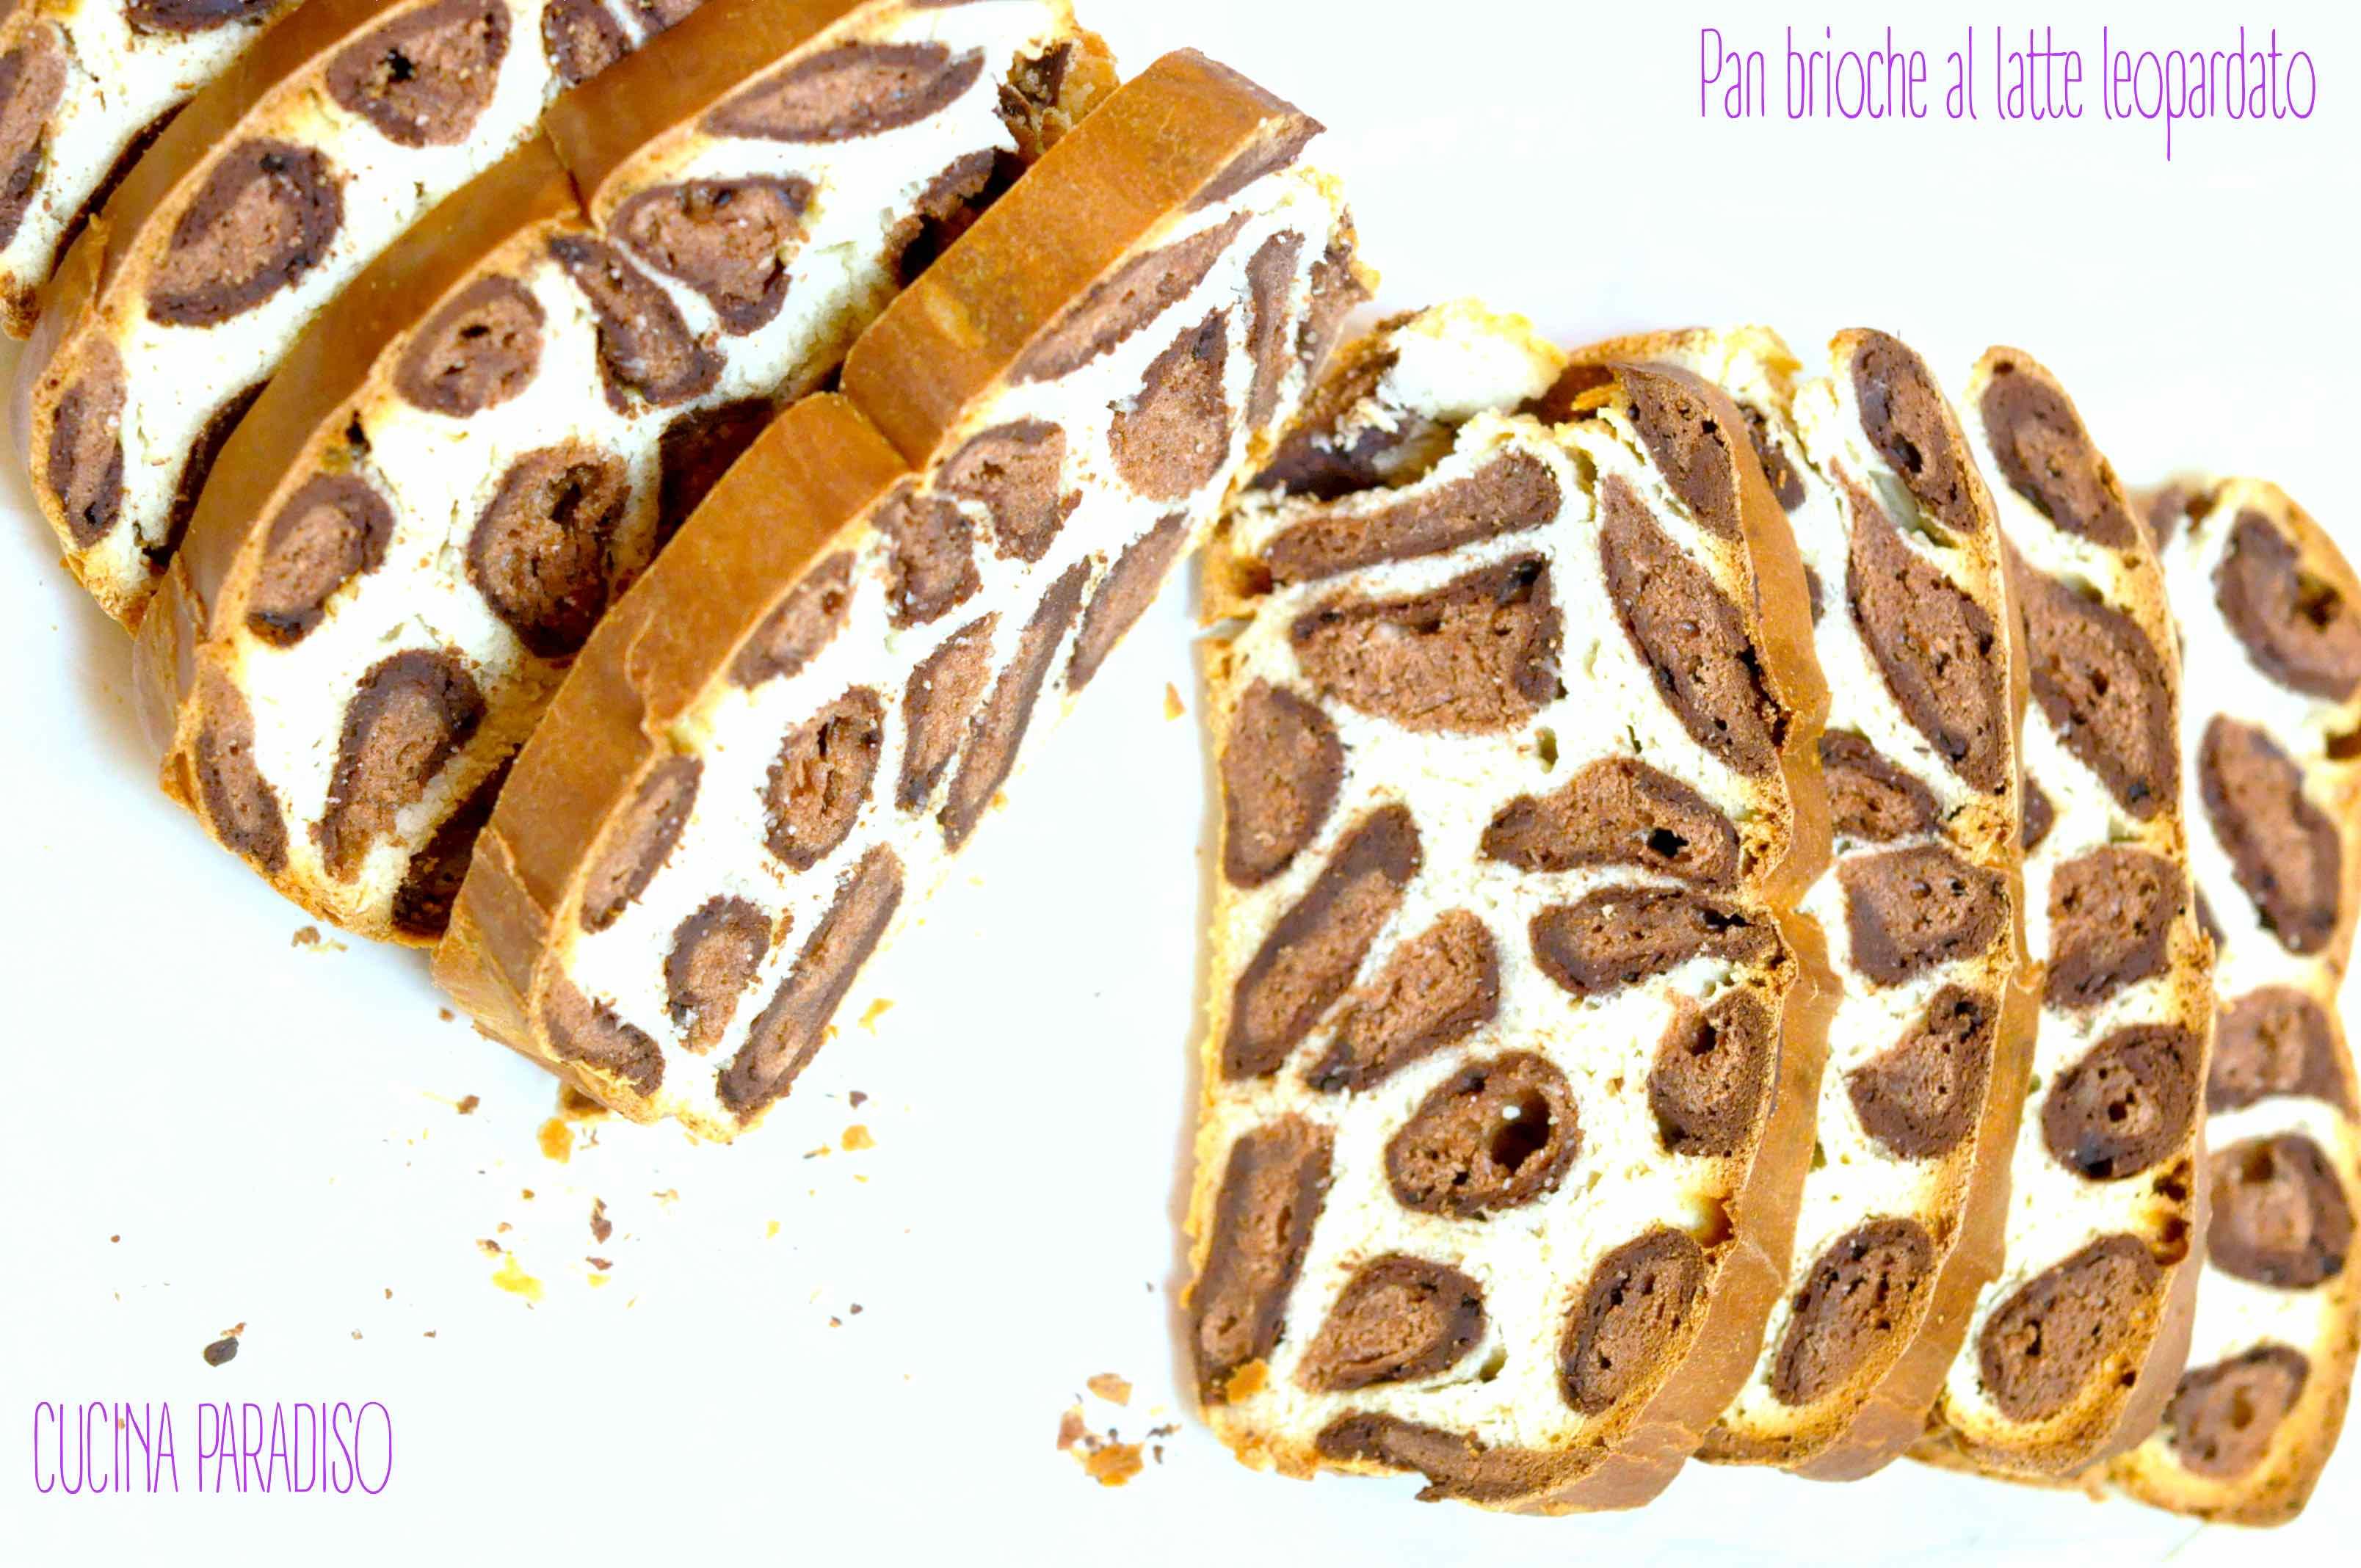 Pan brioche al latte leopardato3